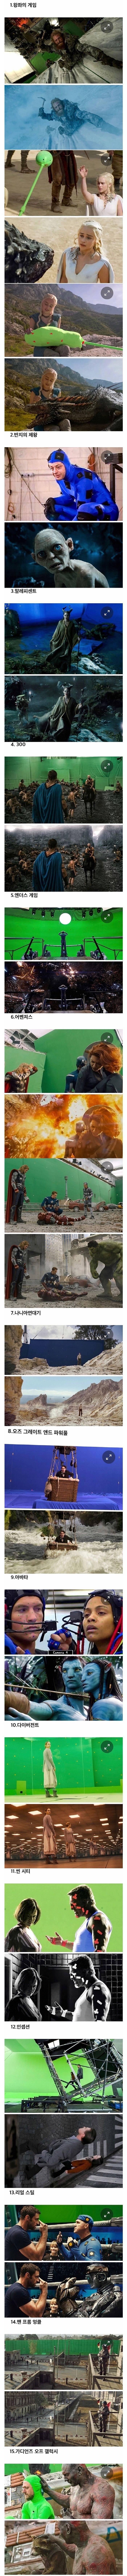 영화 CG장면 전후 장면.gif | 인스티즈